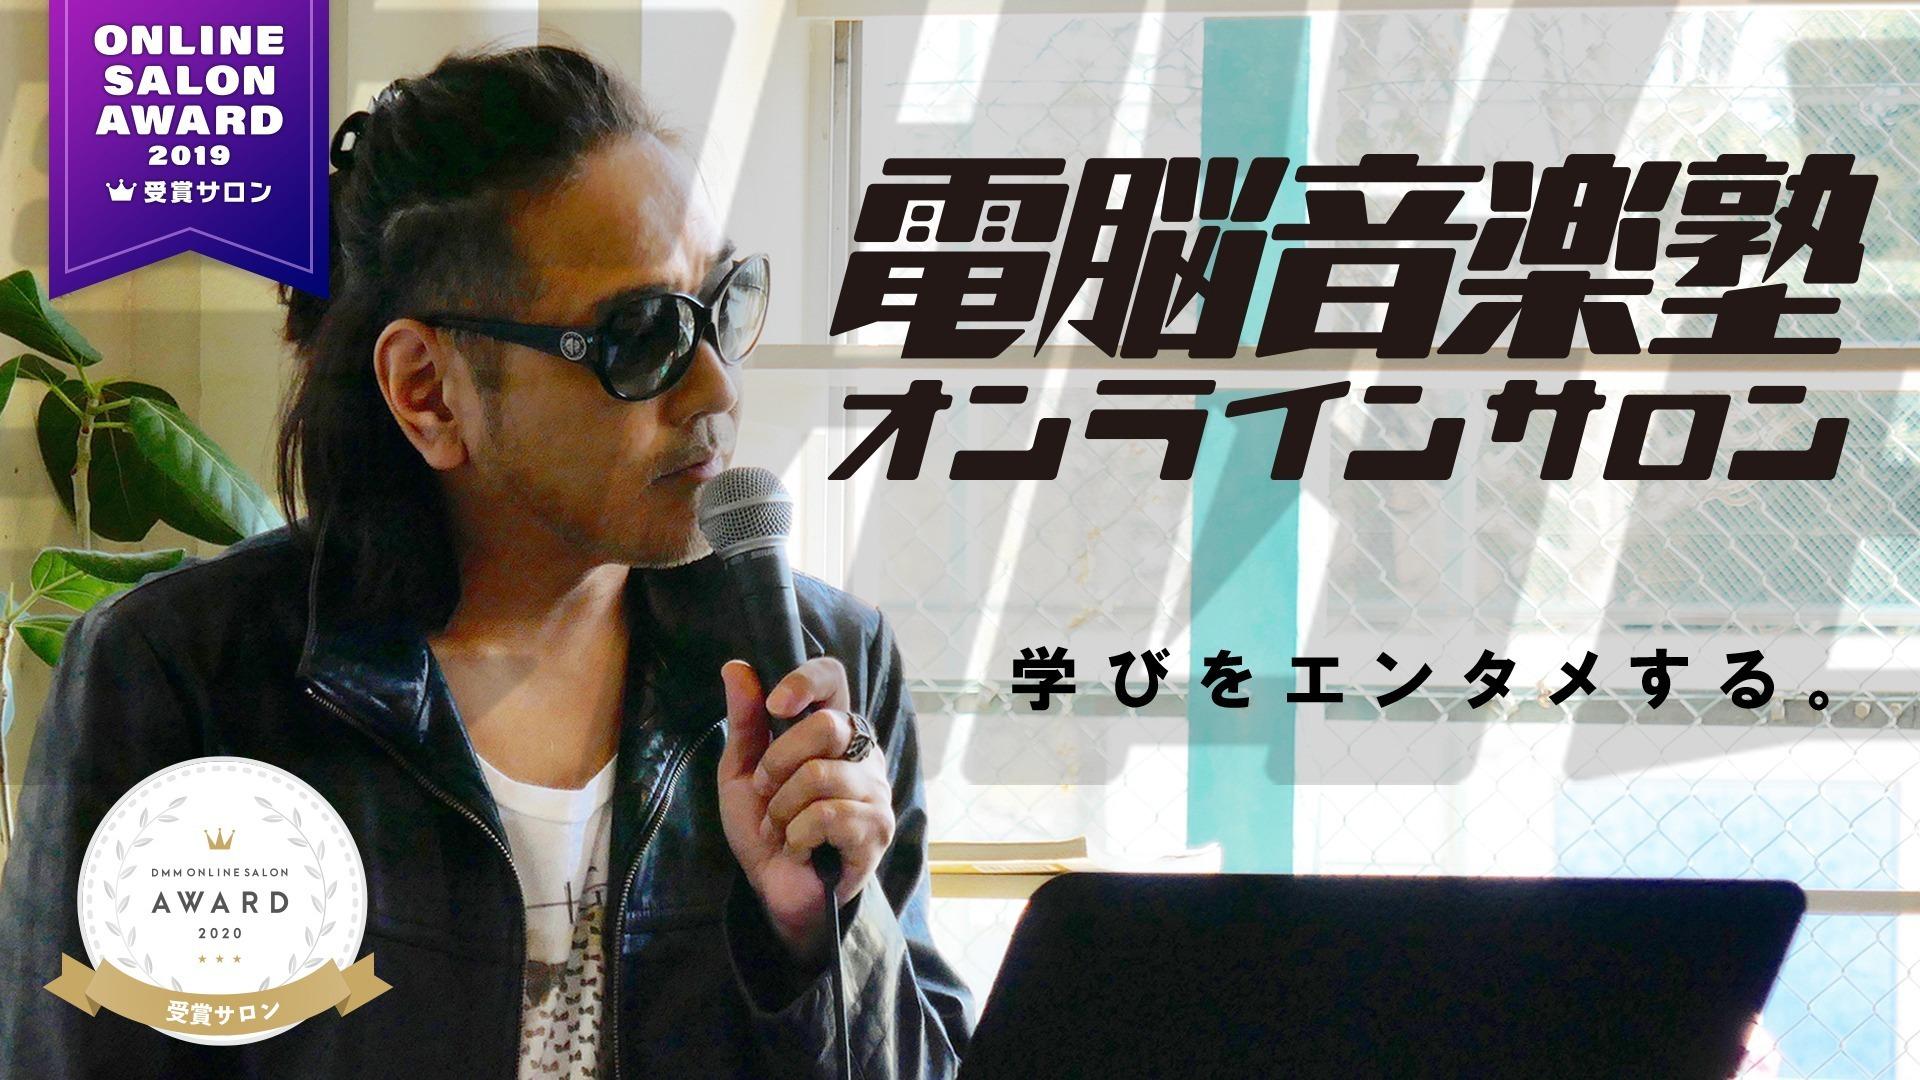 Produced by PiNX RECORDS inc. - 電脳音楽塾オンラインサロン - DMM オンラインサロン